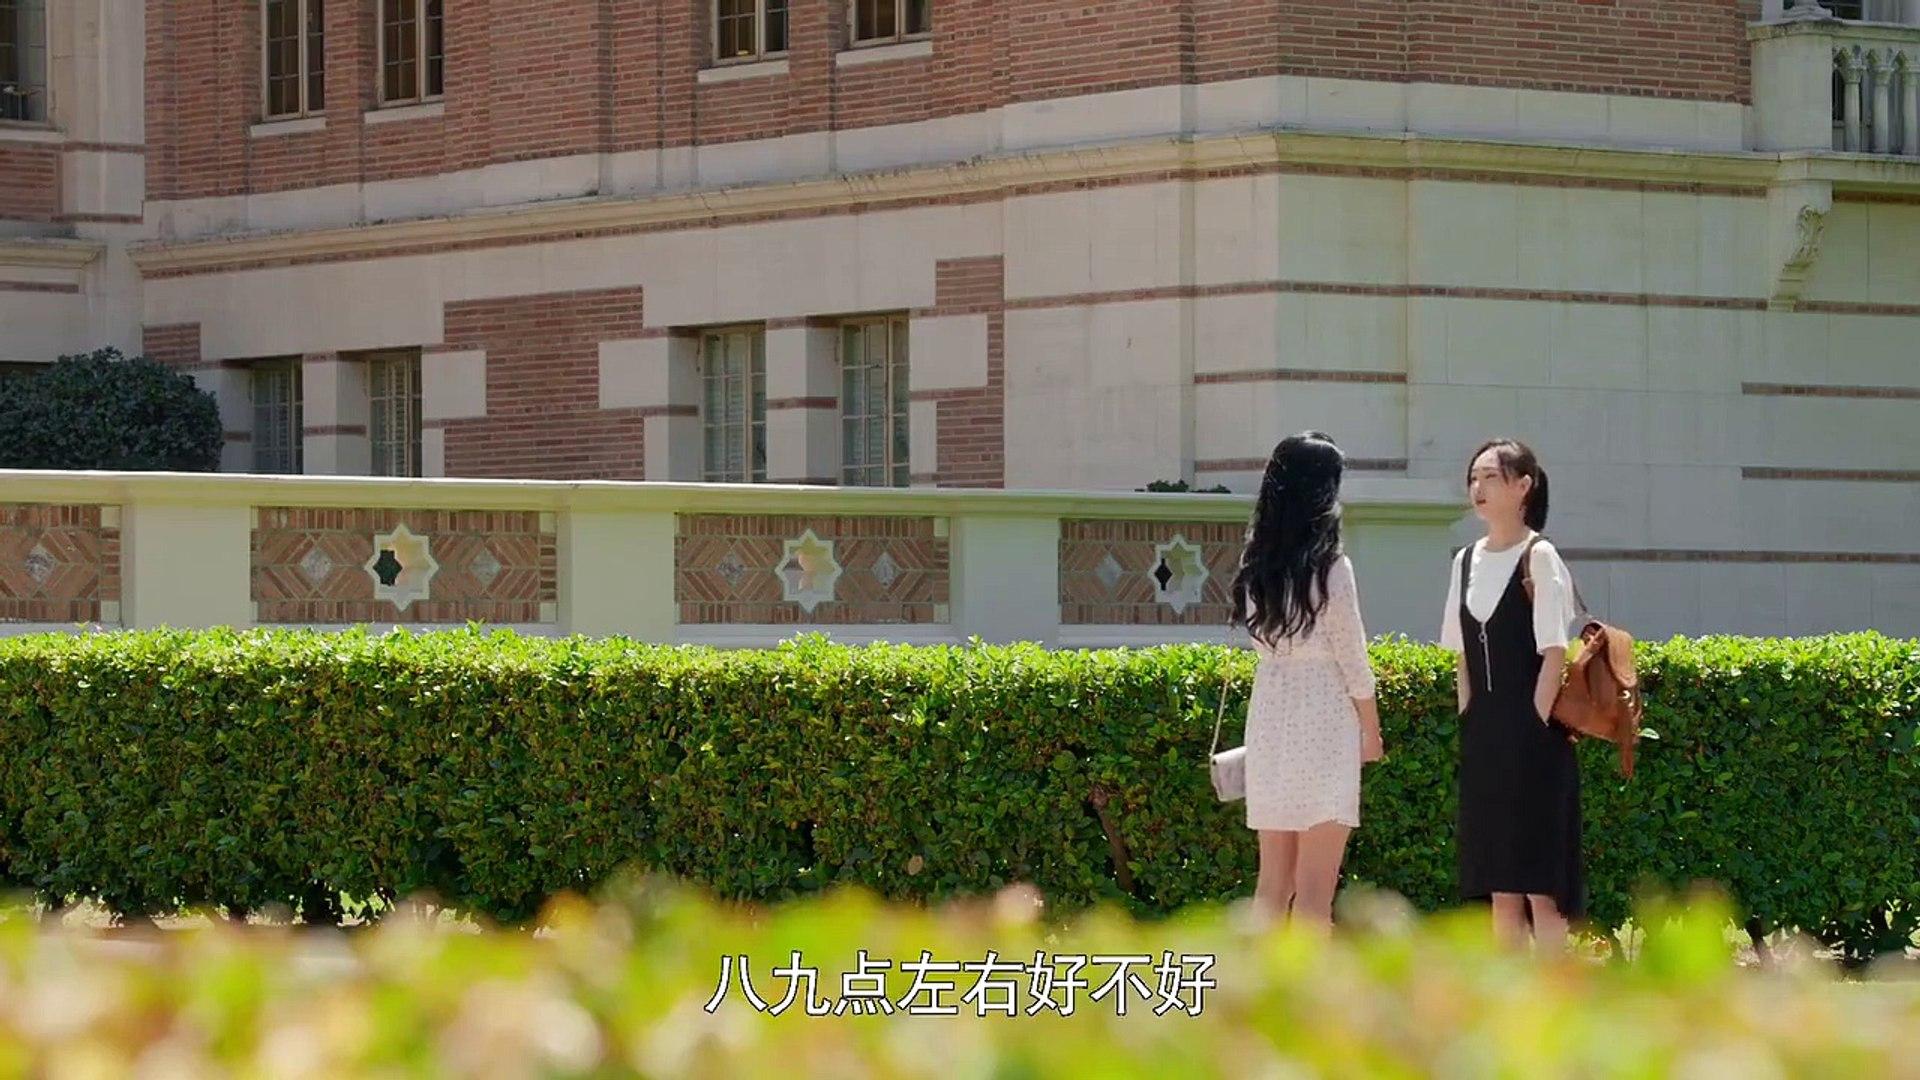 The Way We Were (China Drama) Episode 33 English sub